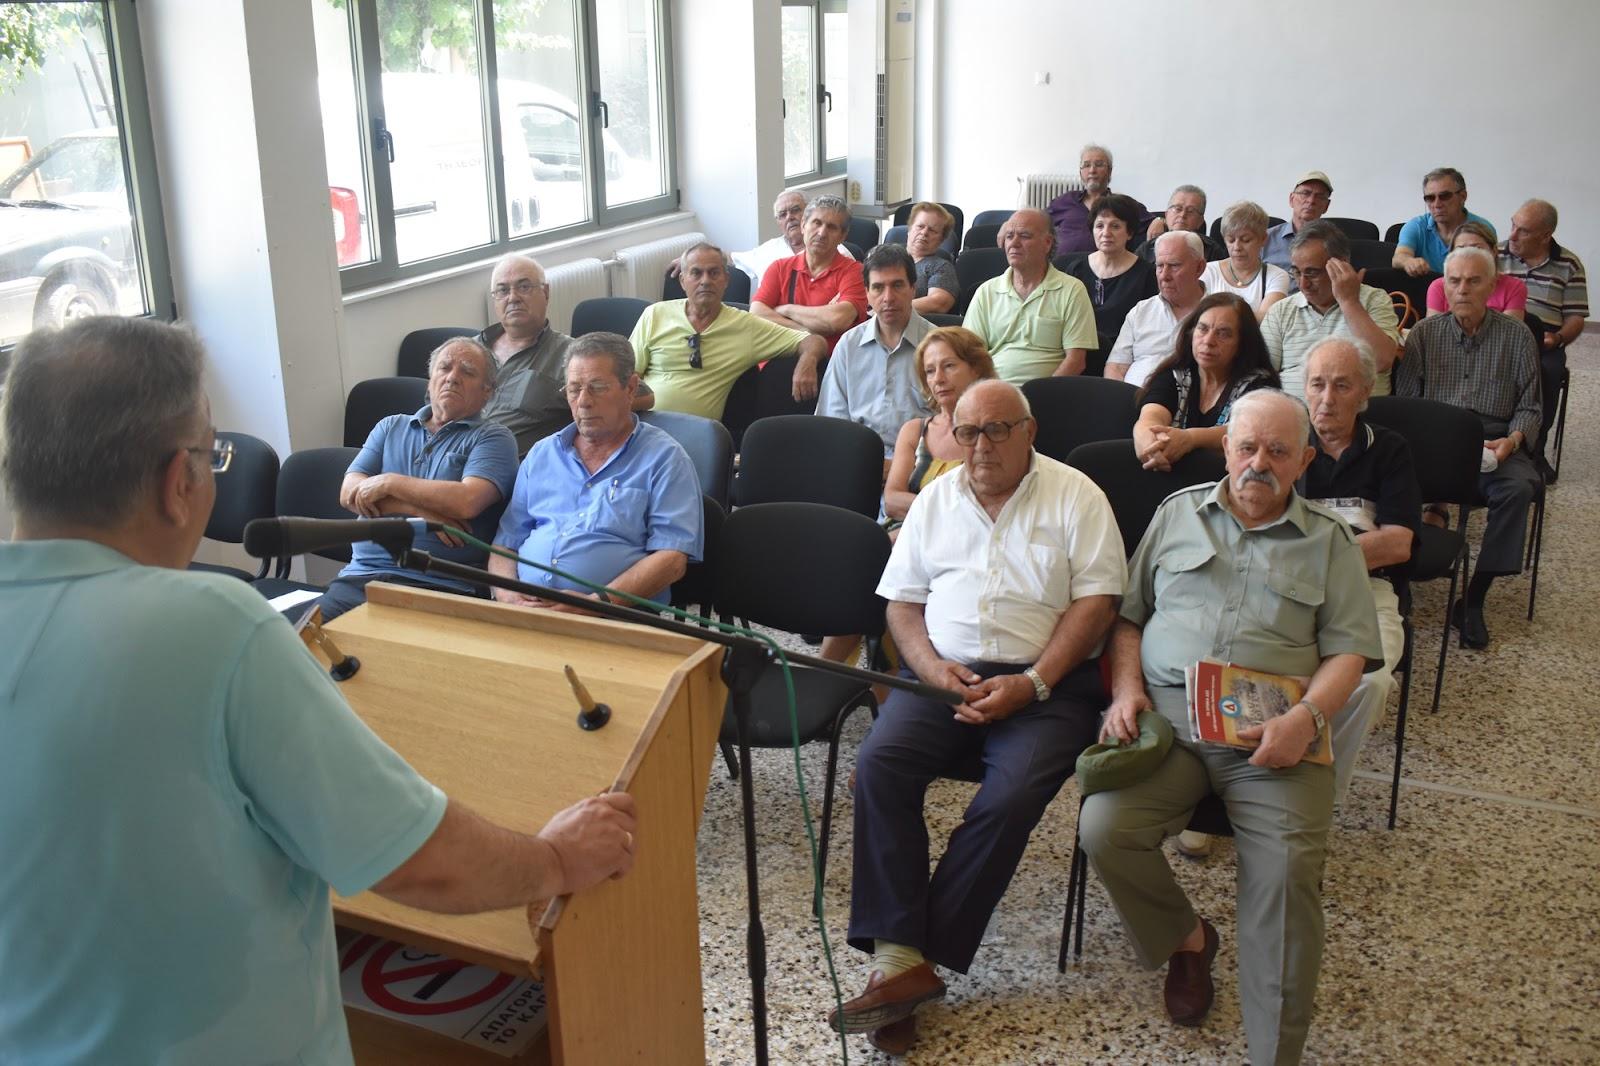 Σε συγκέντρωση αντιστασιακών και πολιτικών προσφύγων μίλησε ο Γιώργος Λαμπρούλης